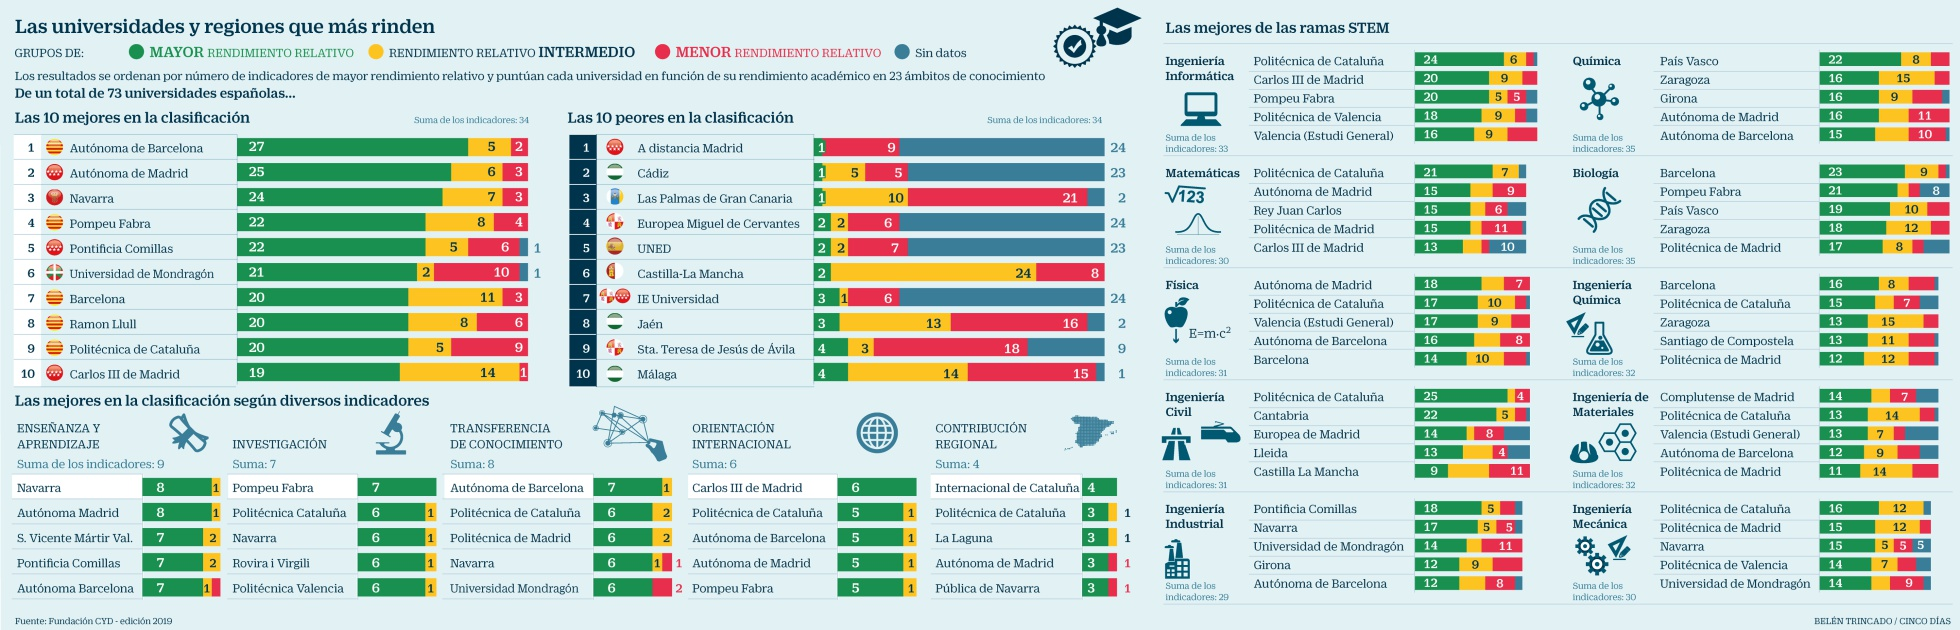 Gráfica Cinco Días Ranking CYD 2019: Las universidades y regiones que más rinden